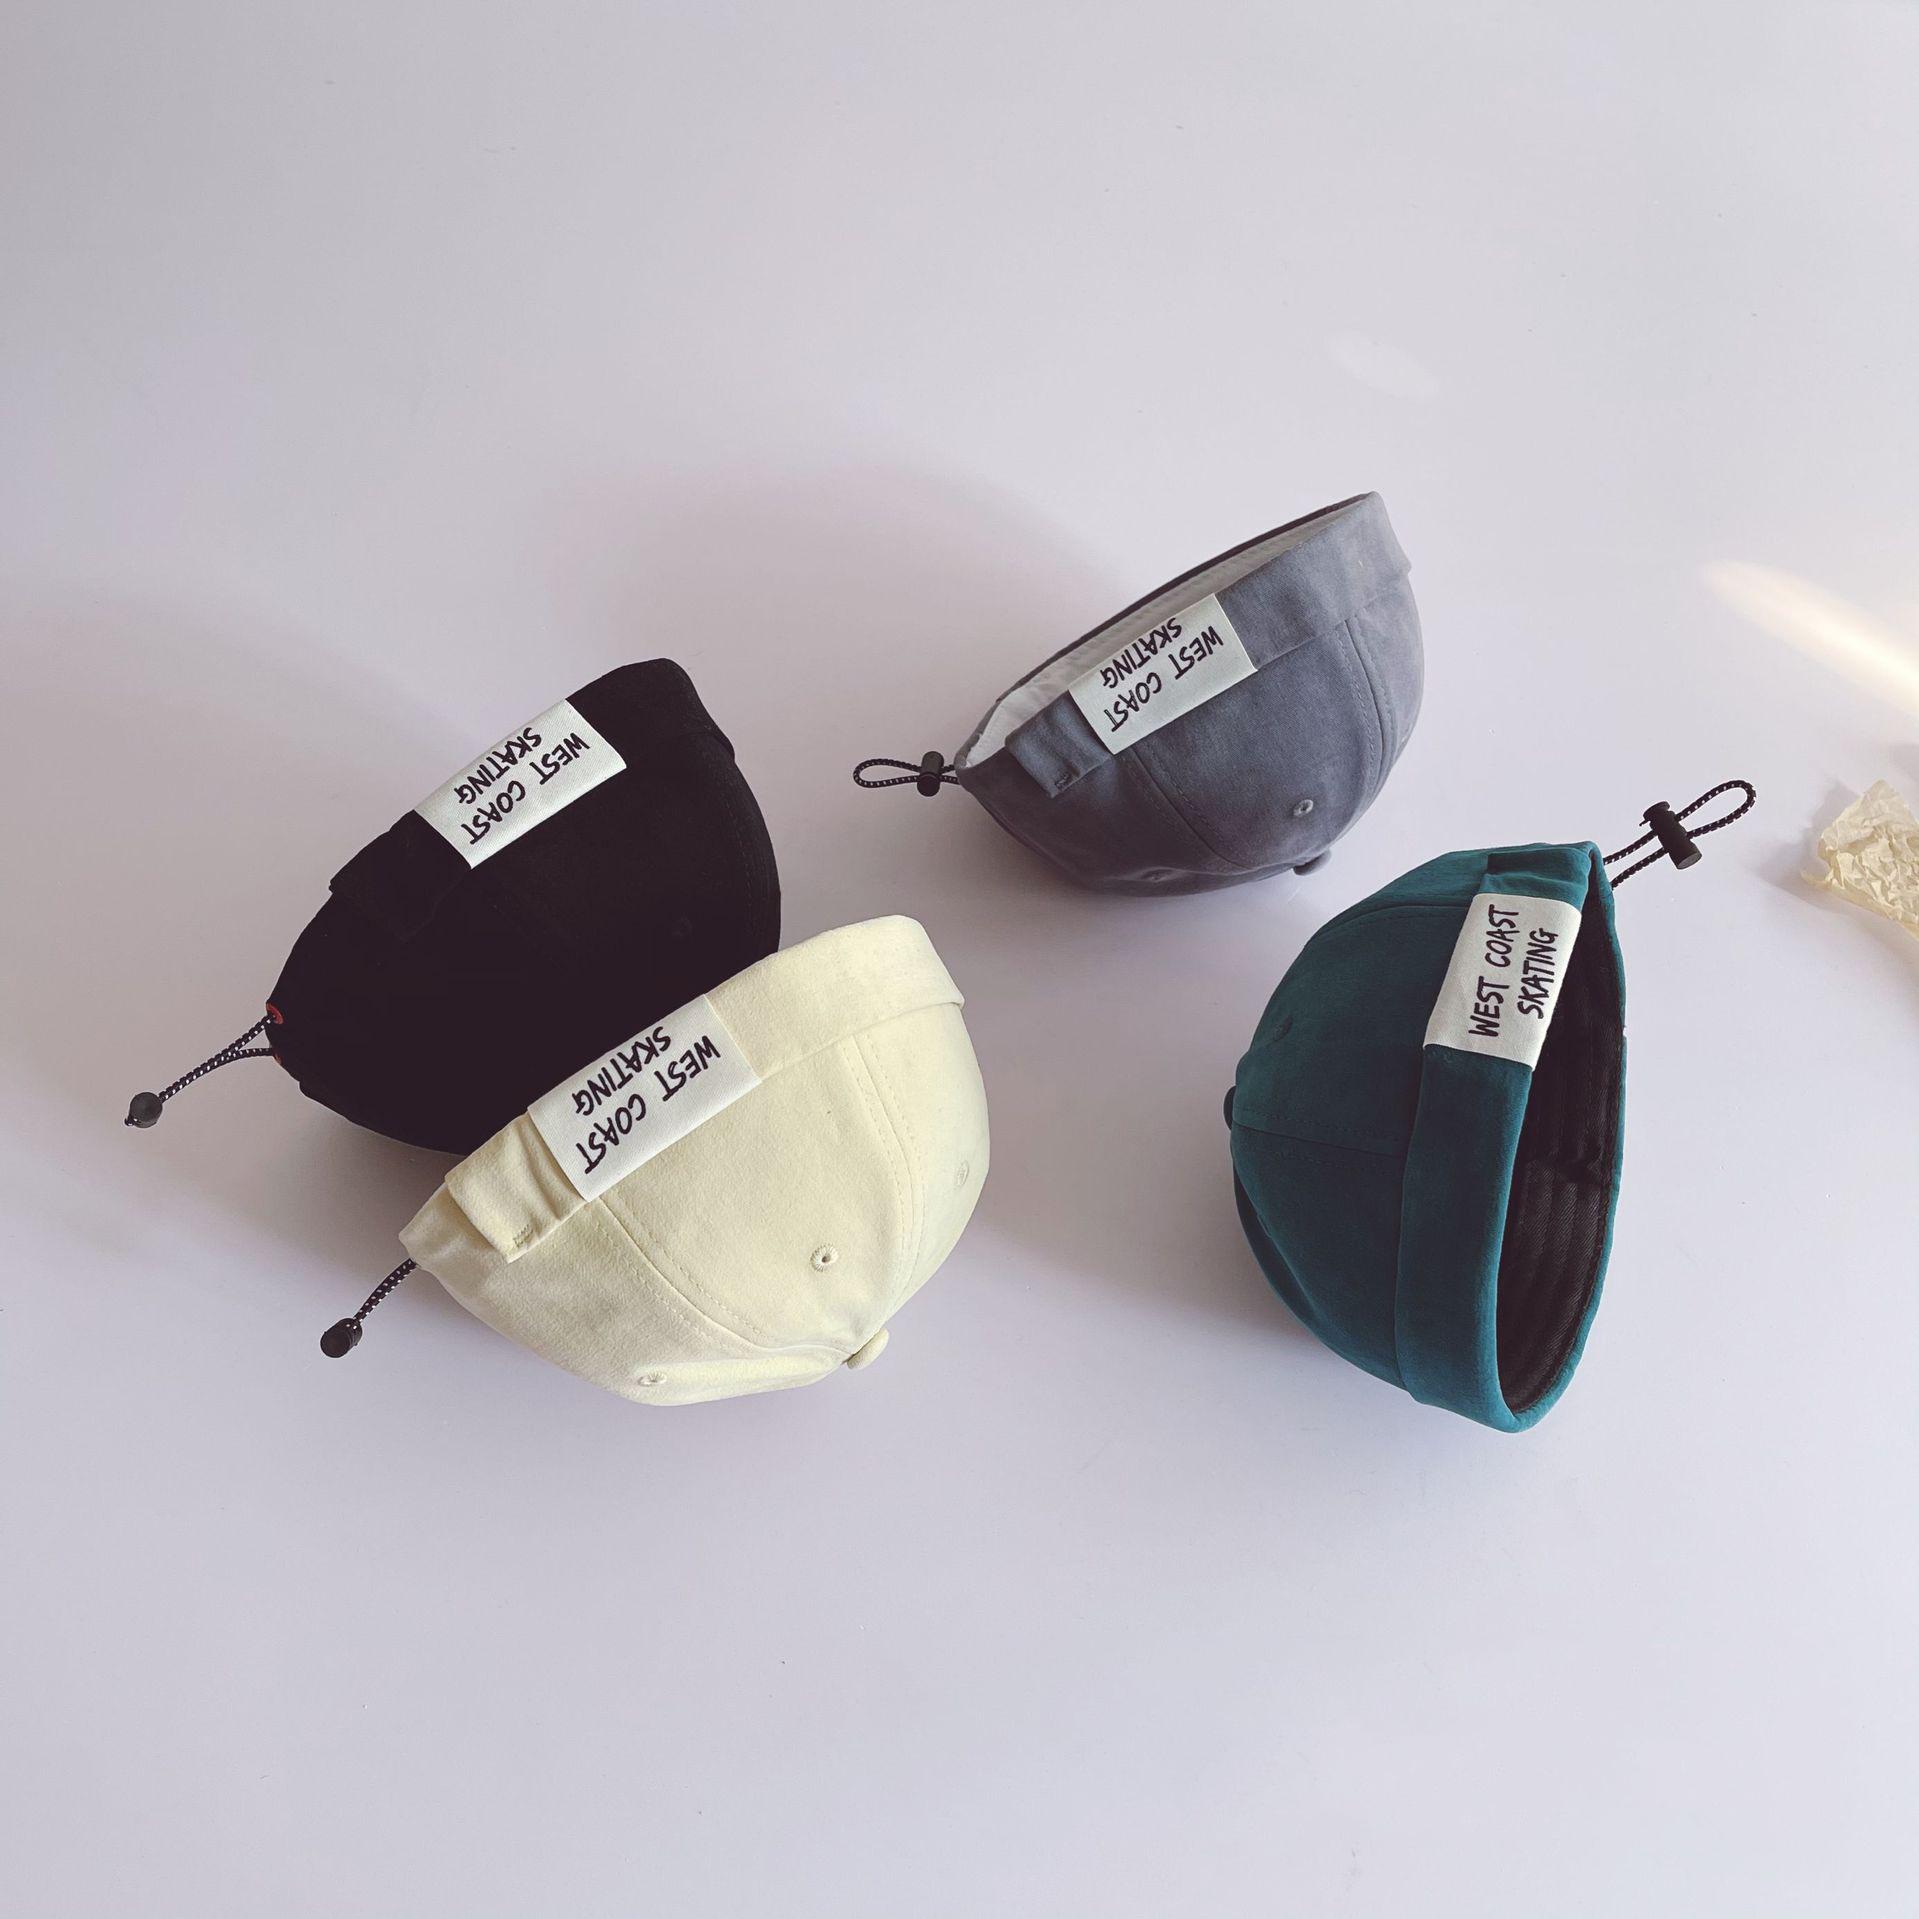 春夏新作 子供 メロンキャップ キッズ帽子 男女兼用 日よけキャップ  UV保護 おしゃれ